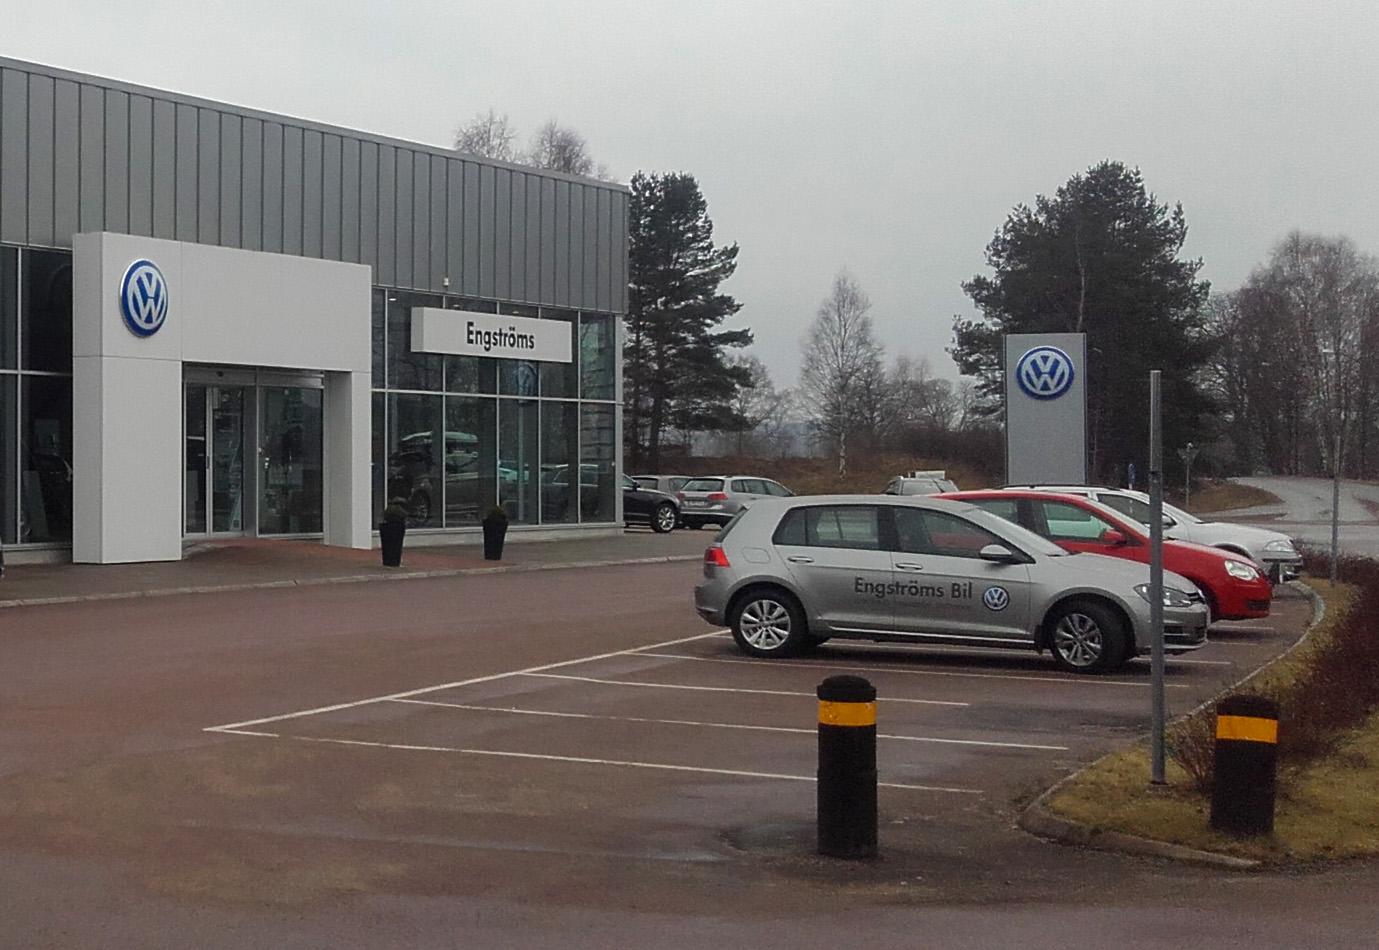 Engströms bil i Vimmerby